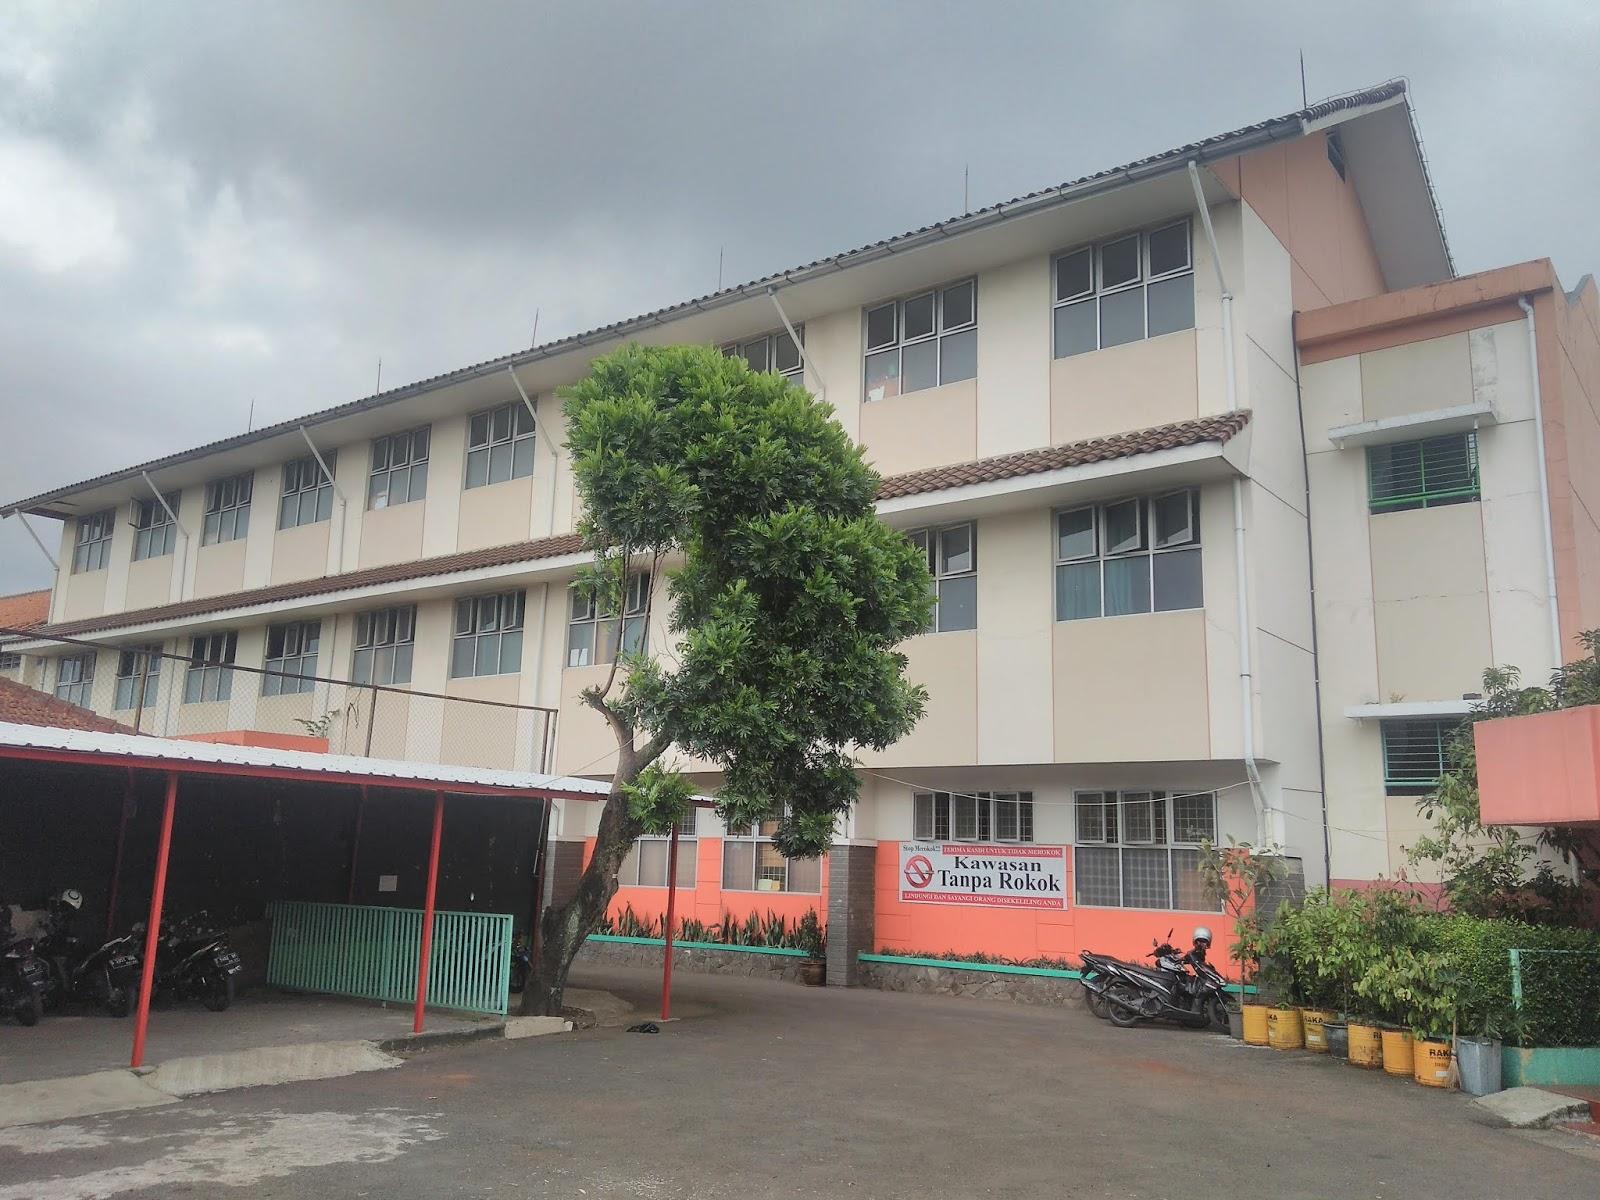 Gedung Sekolah SD Ignatius Slamet Riyadi 2